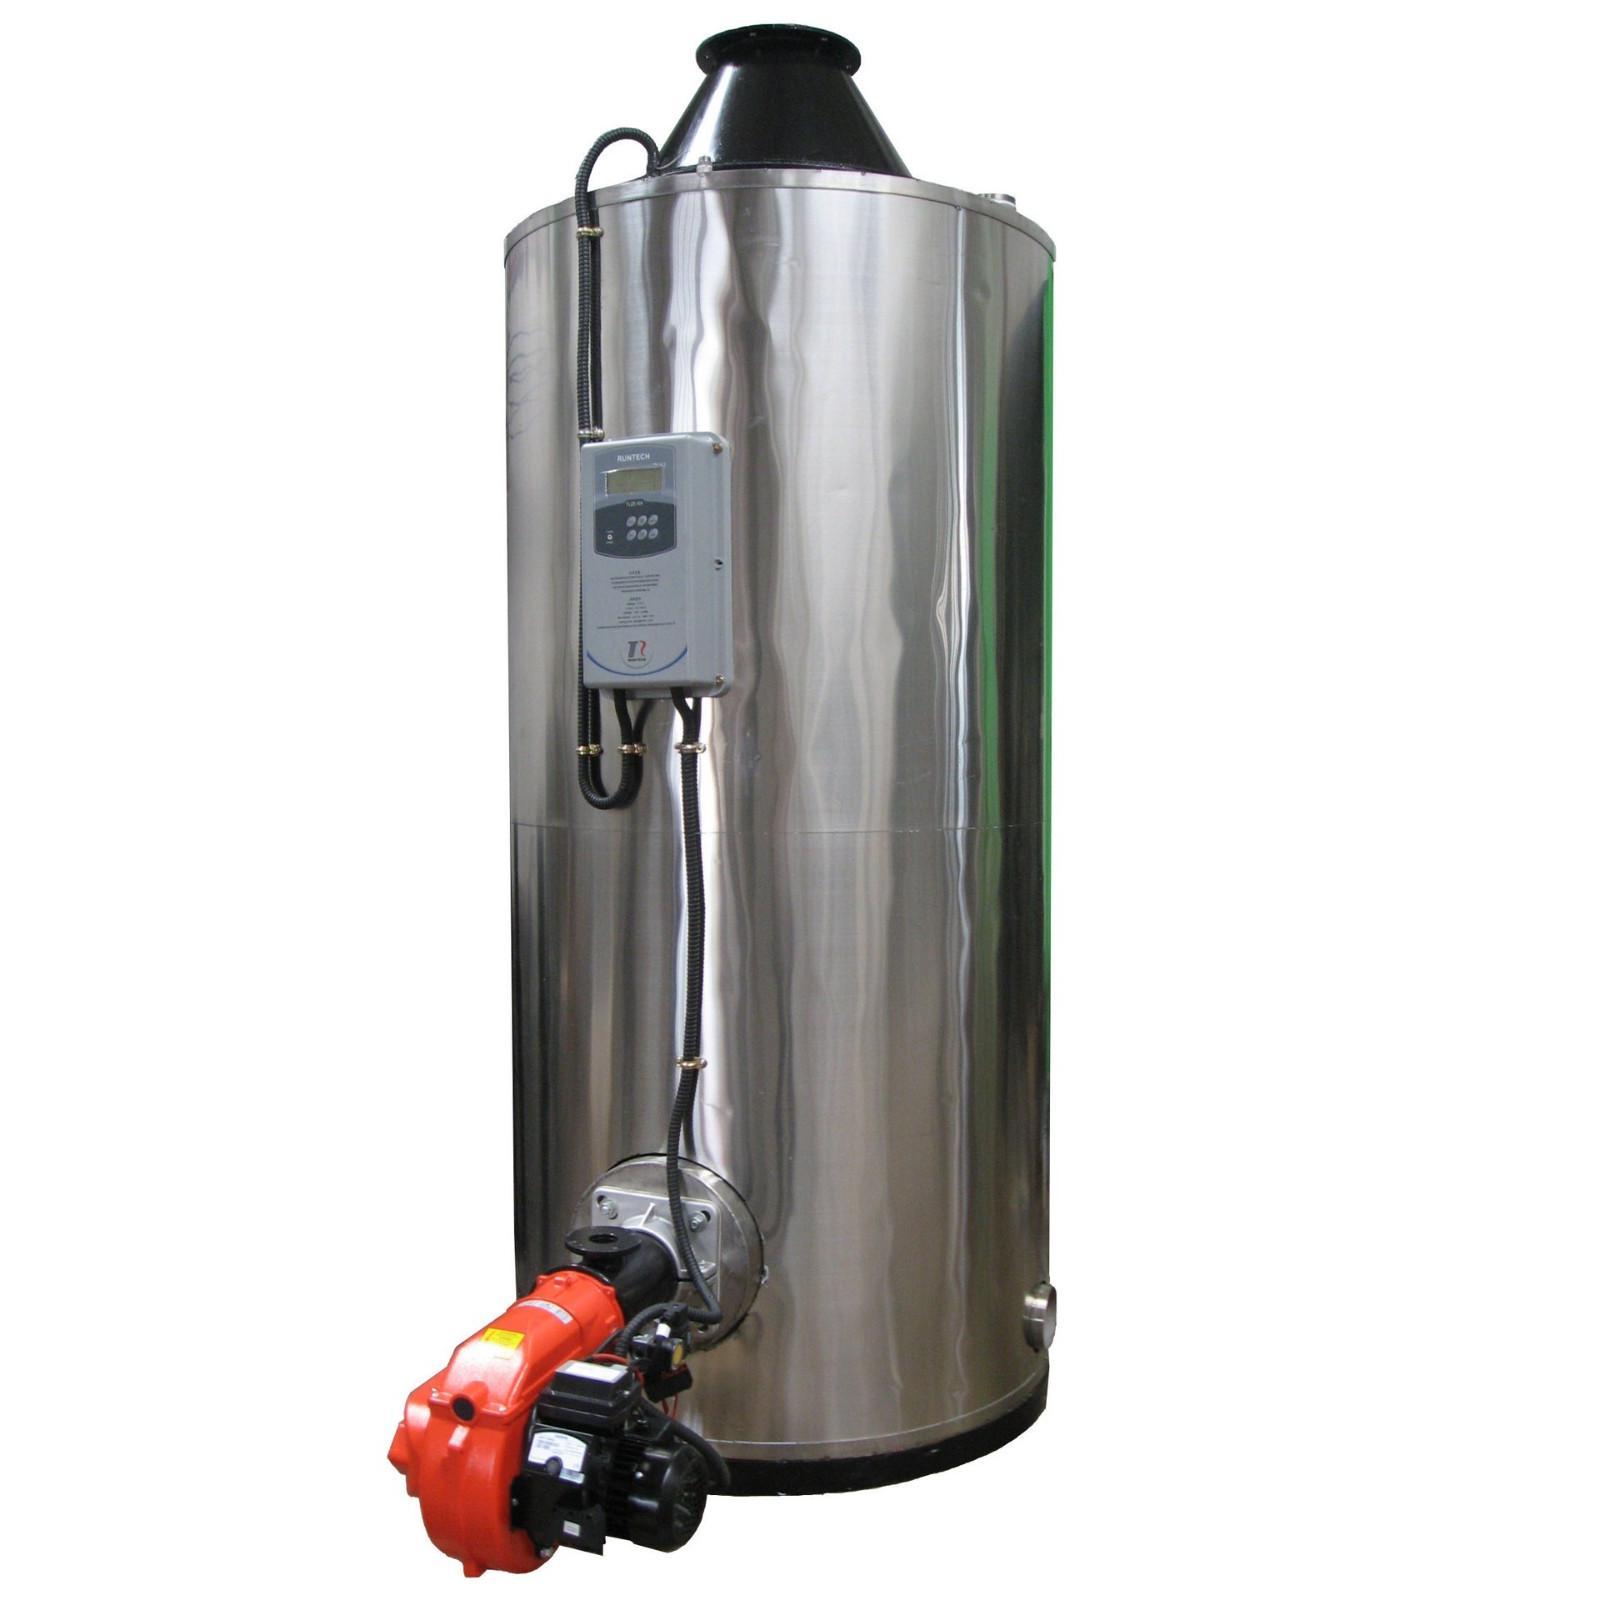 燃气锅炉价格 甘肃1吨燃气热水锅炉 嘉峪关2吨燃气热水锅炉批发价格 周口市